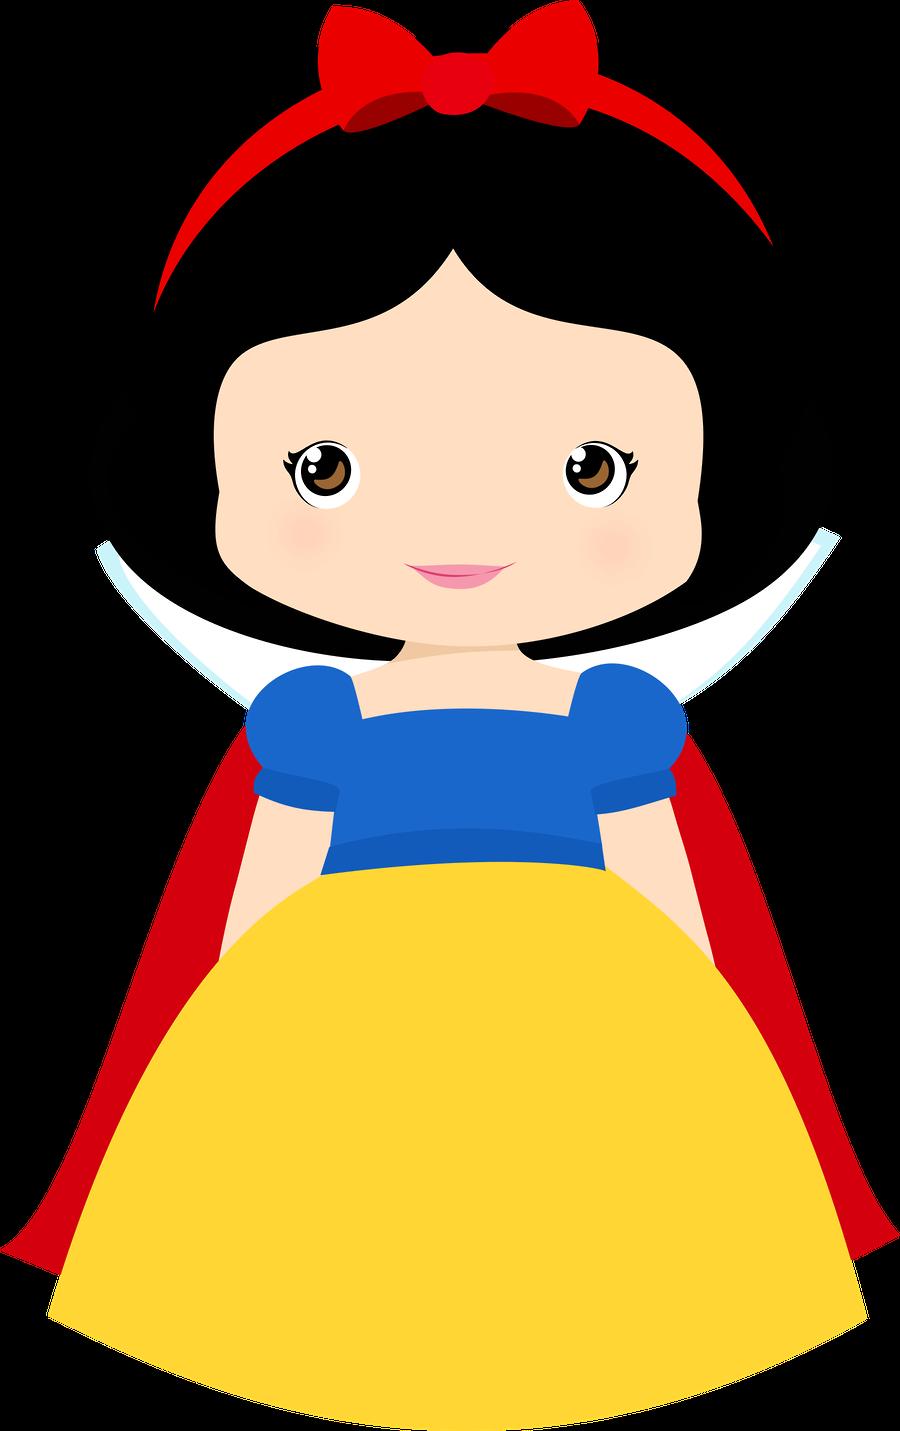 Disney school clipart clip art transparent download branca de neve cute - Minus | Snow White/And The Seven Dwarfs ... clip art transparent download